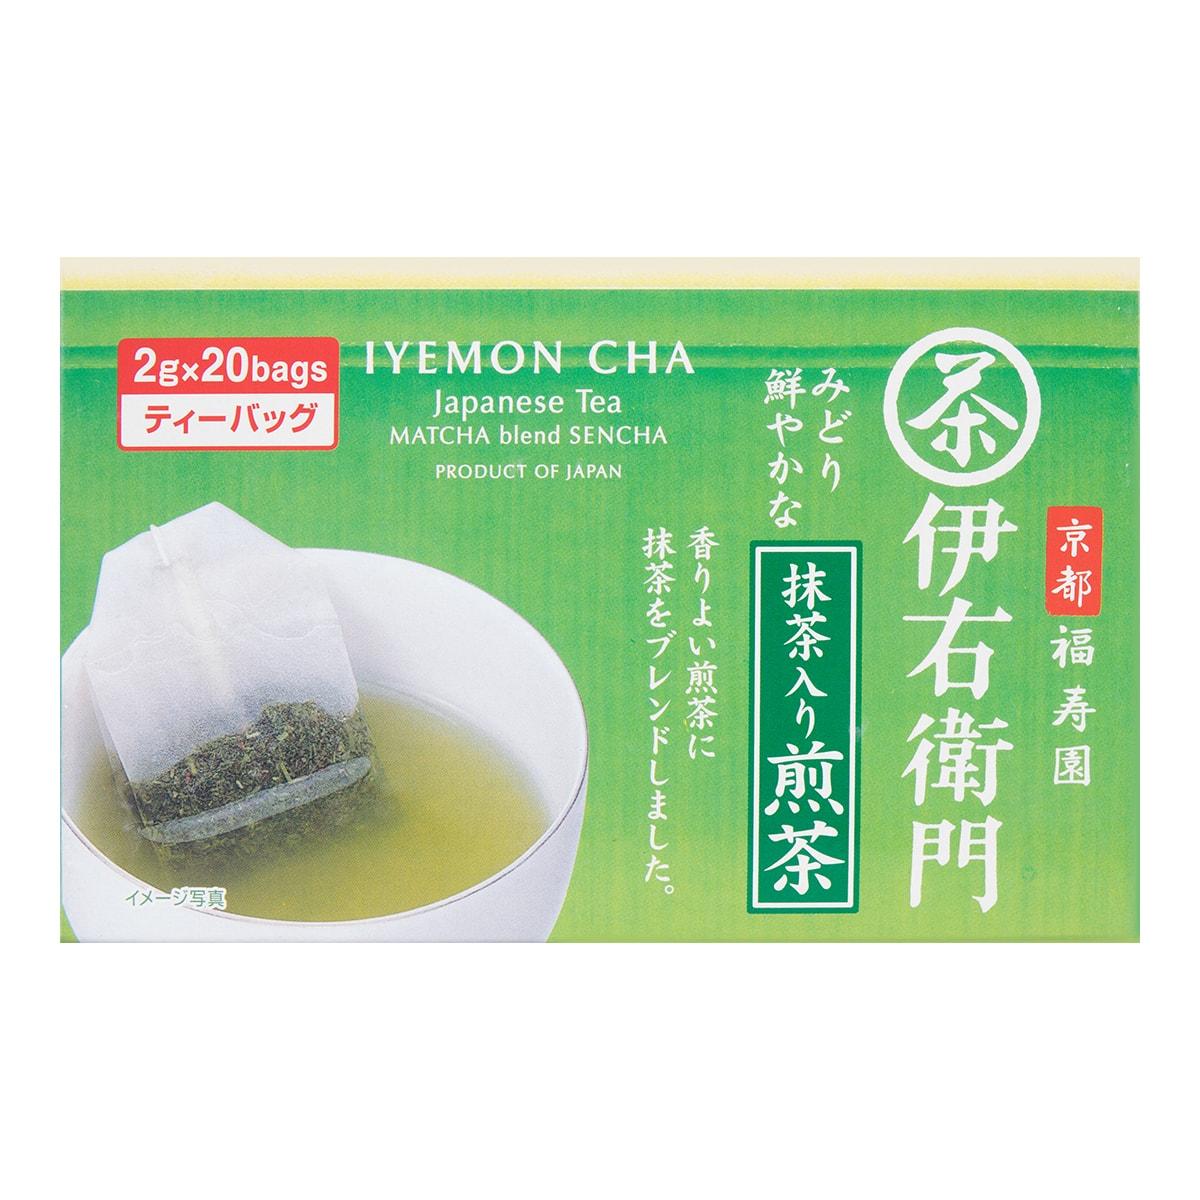 日本宇治之露 京都伊右卫门抹茶煎茶 20包入 40g